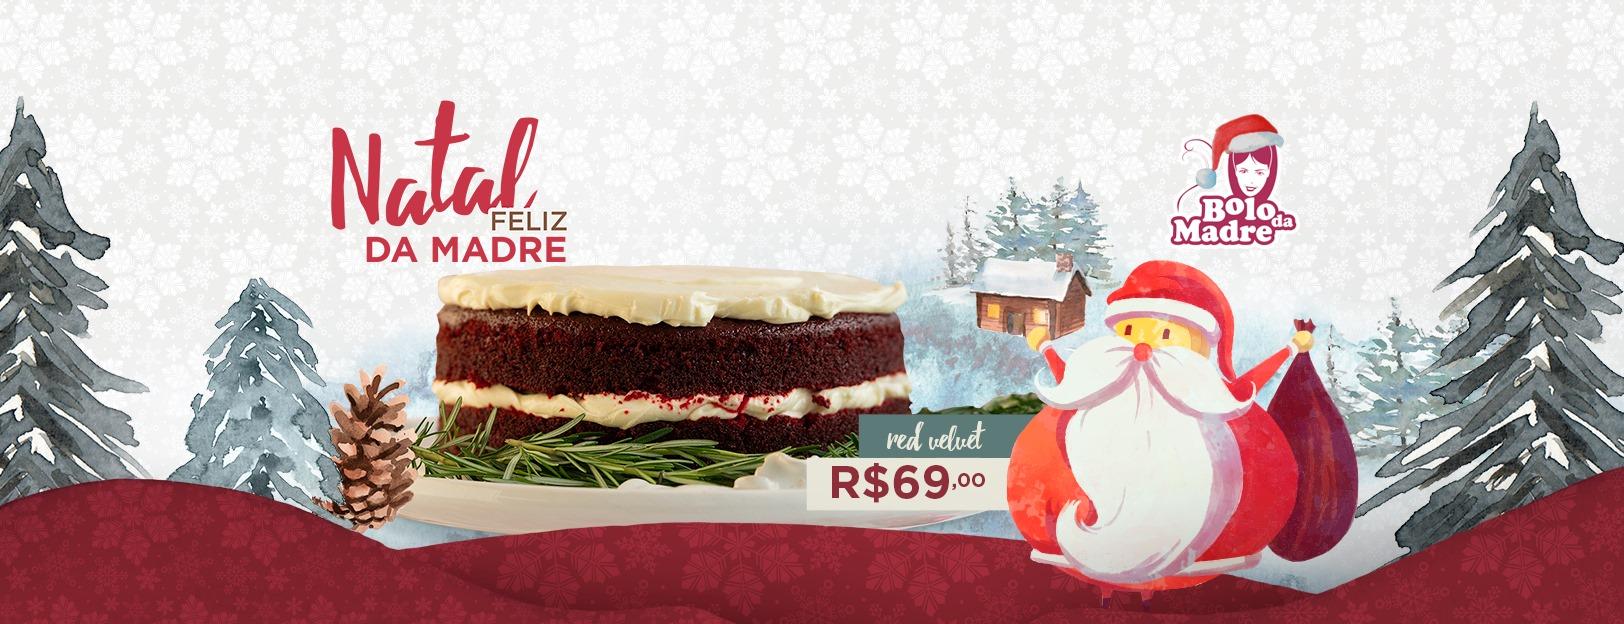 Essa sobremesa é fundamental após a Ceia de Natal. É sair da geladeira e ir para a mesa. Um sonho de Natal do Bolo da Madre em são José - SC